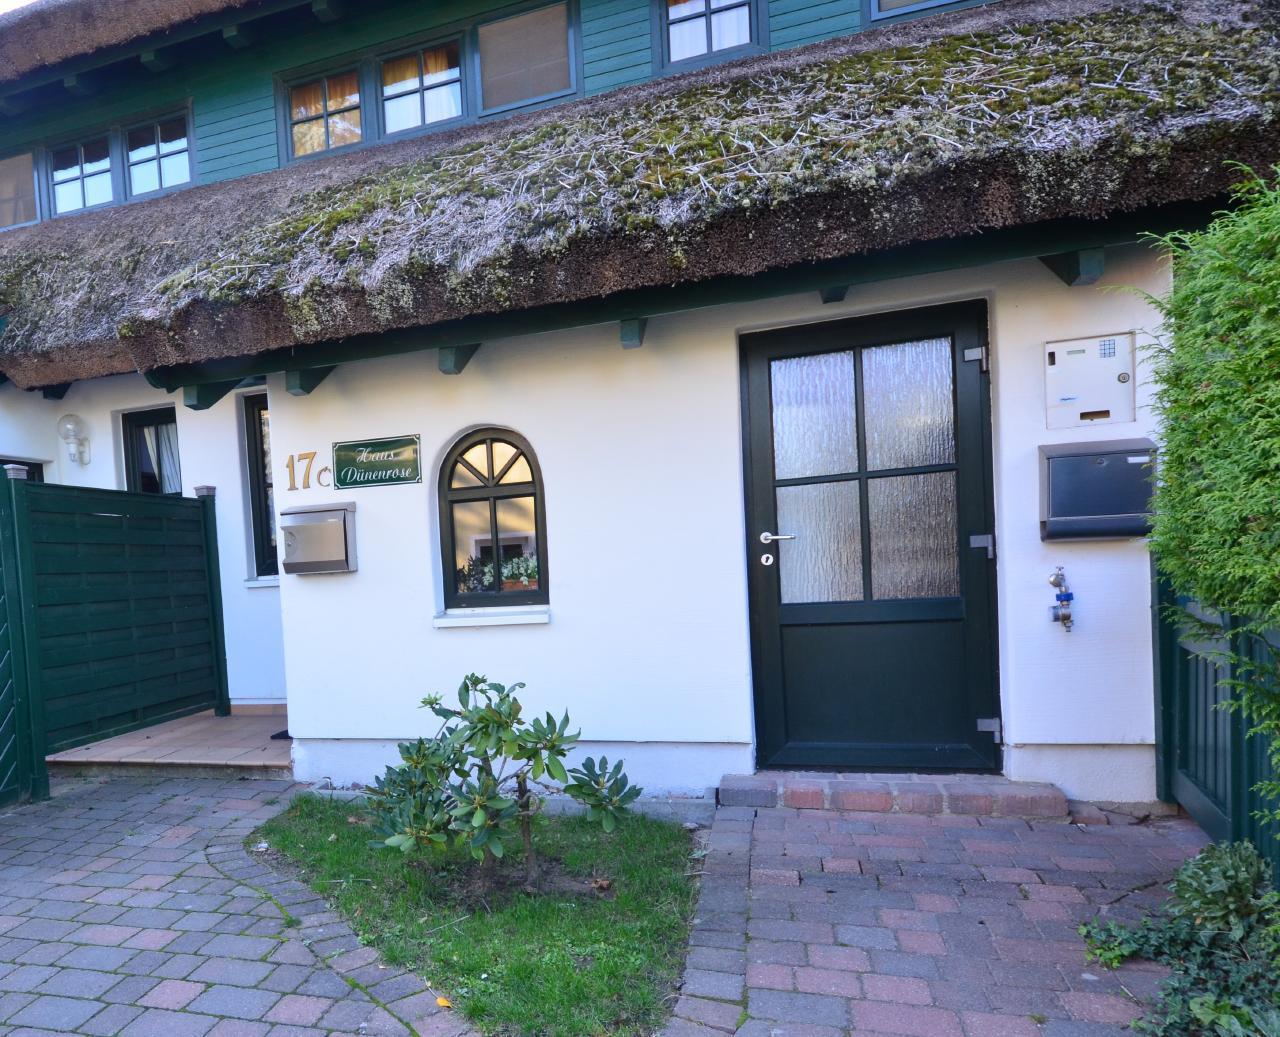 Ferienhaus Haus Dünenrose (127675), Groß Zicker, Rügen, Mecklenburg-Vorpommern, Deutschland, Bild 28